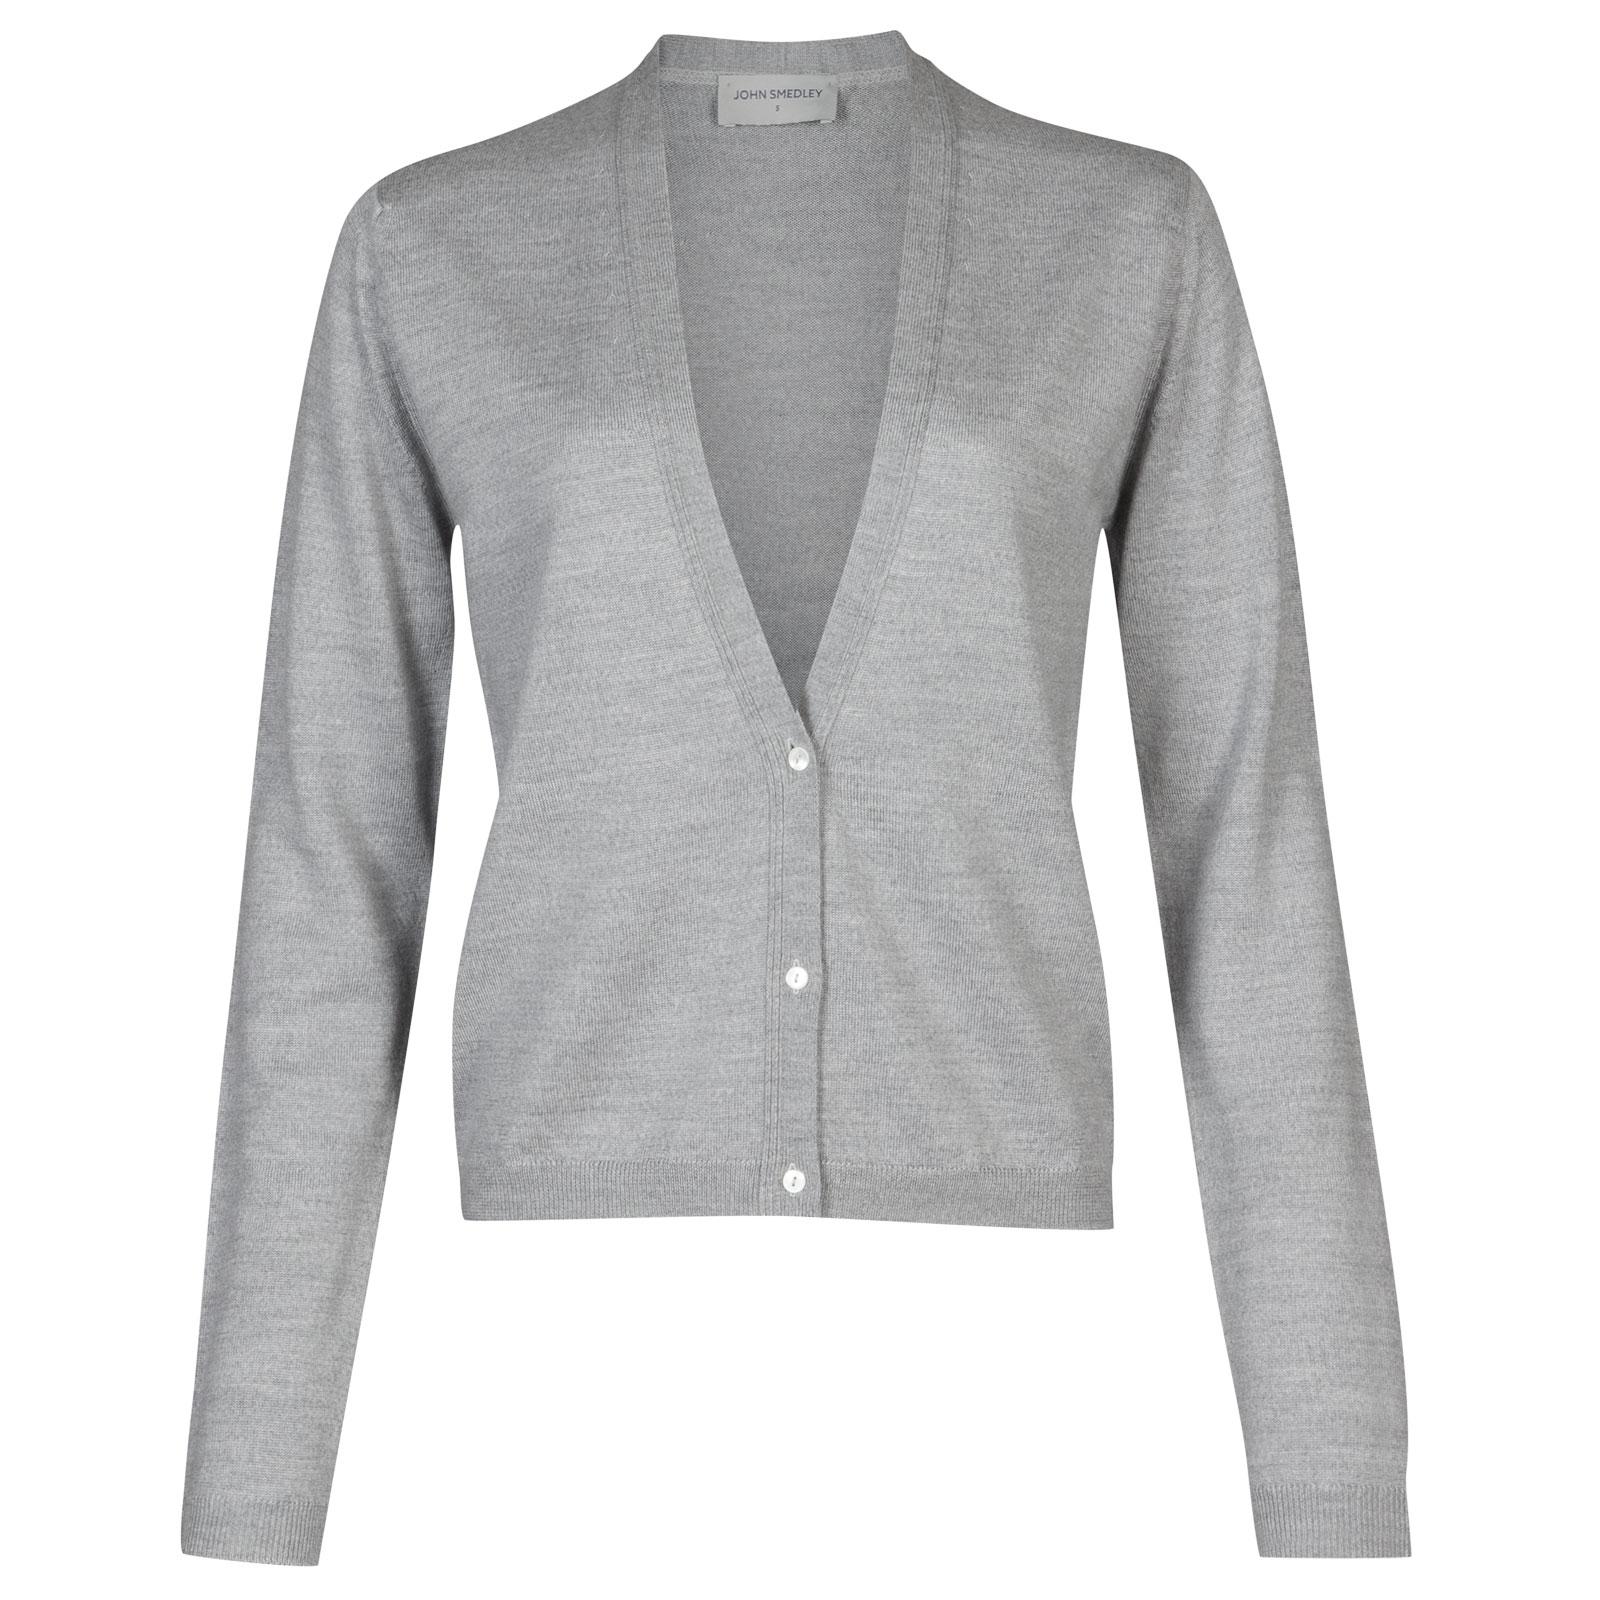 John Smedley minda Merino Wool Cardigan in Bardot Grey-XL